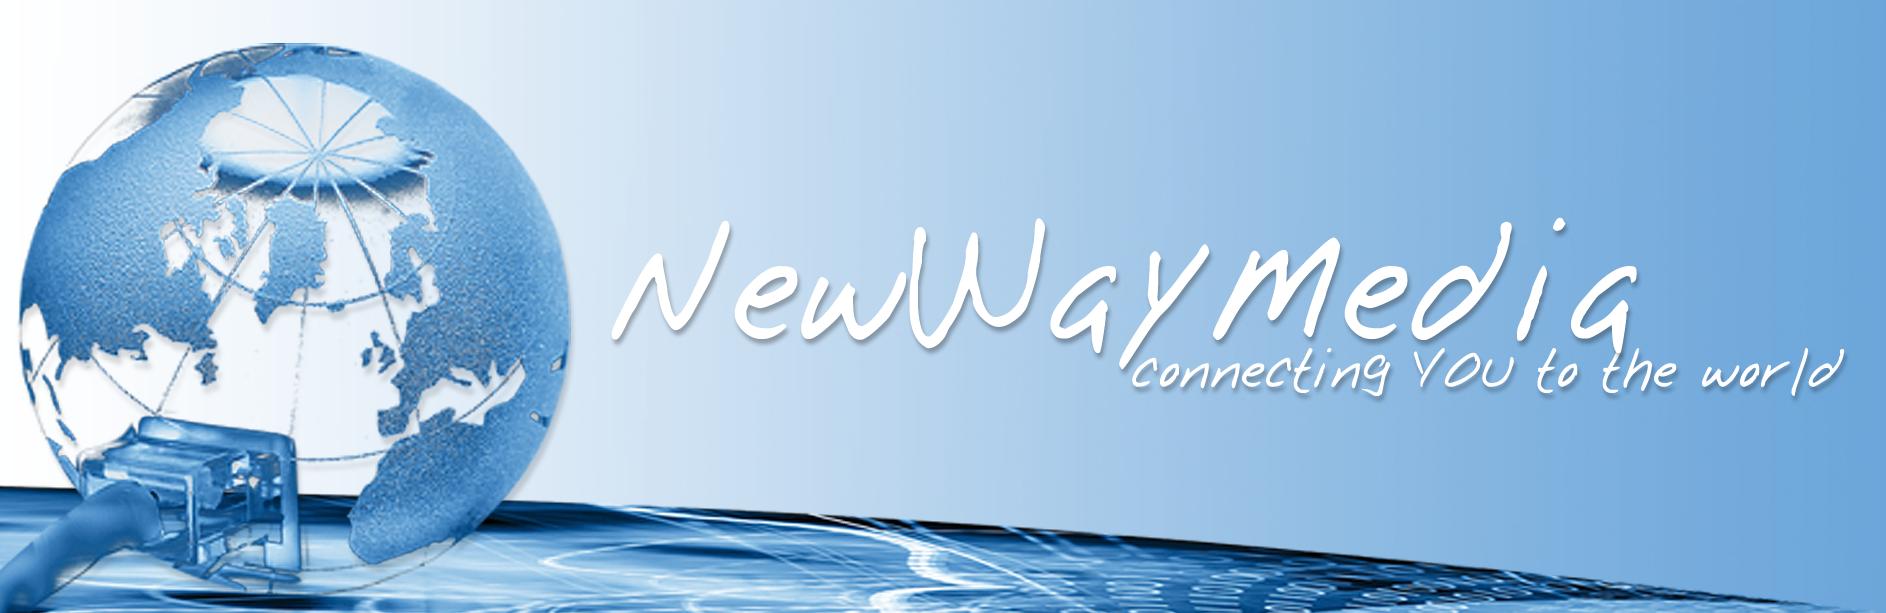 NewWayMedia